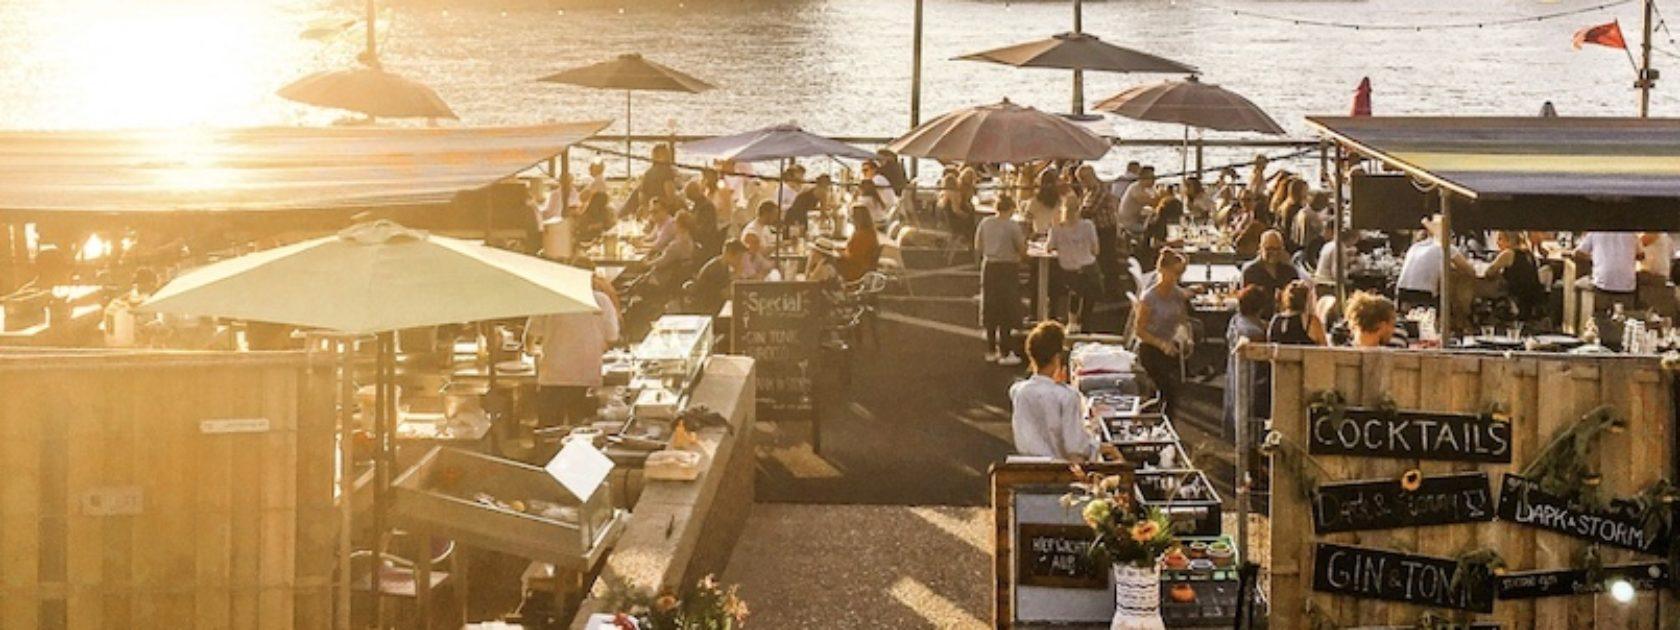 Pop-up restaurant A La Plancha opent in de zomer haar deuren op het Noordereiland. Een heerlijke plek voor lekker eten en drankje op een zonnig terras.